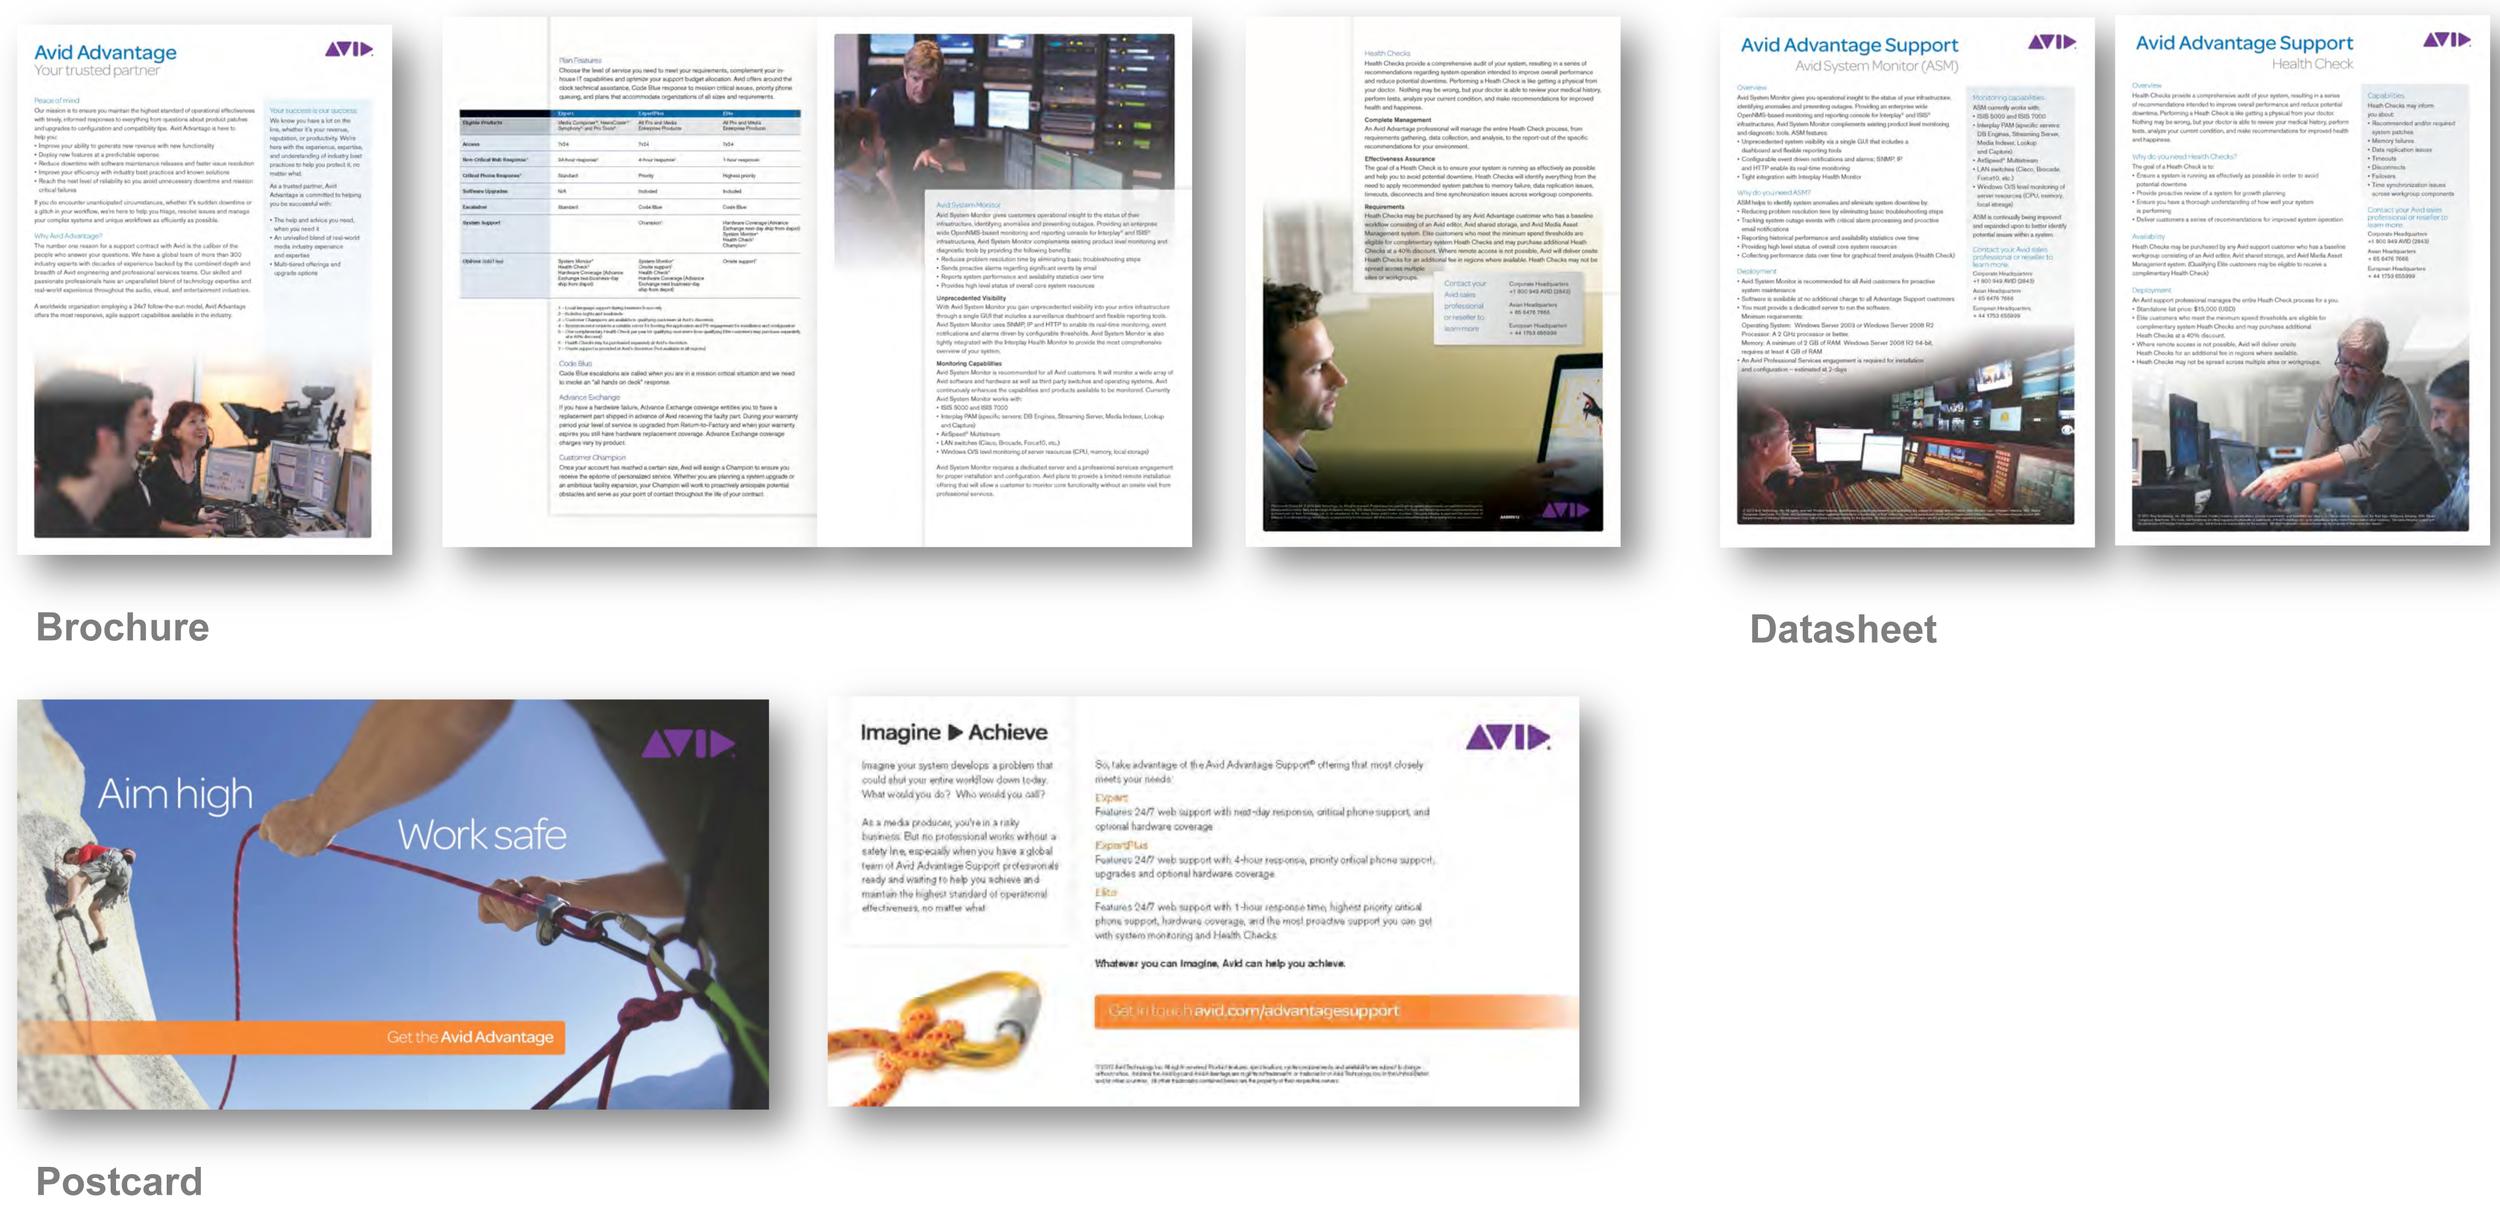 Avid Customer Support Materials